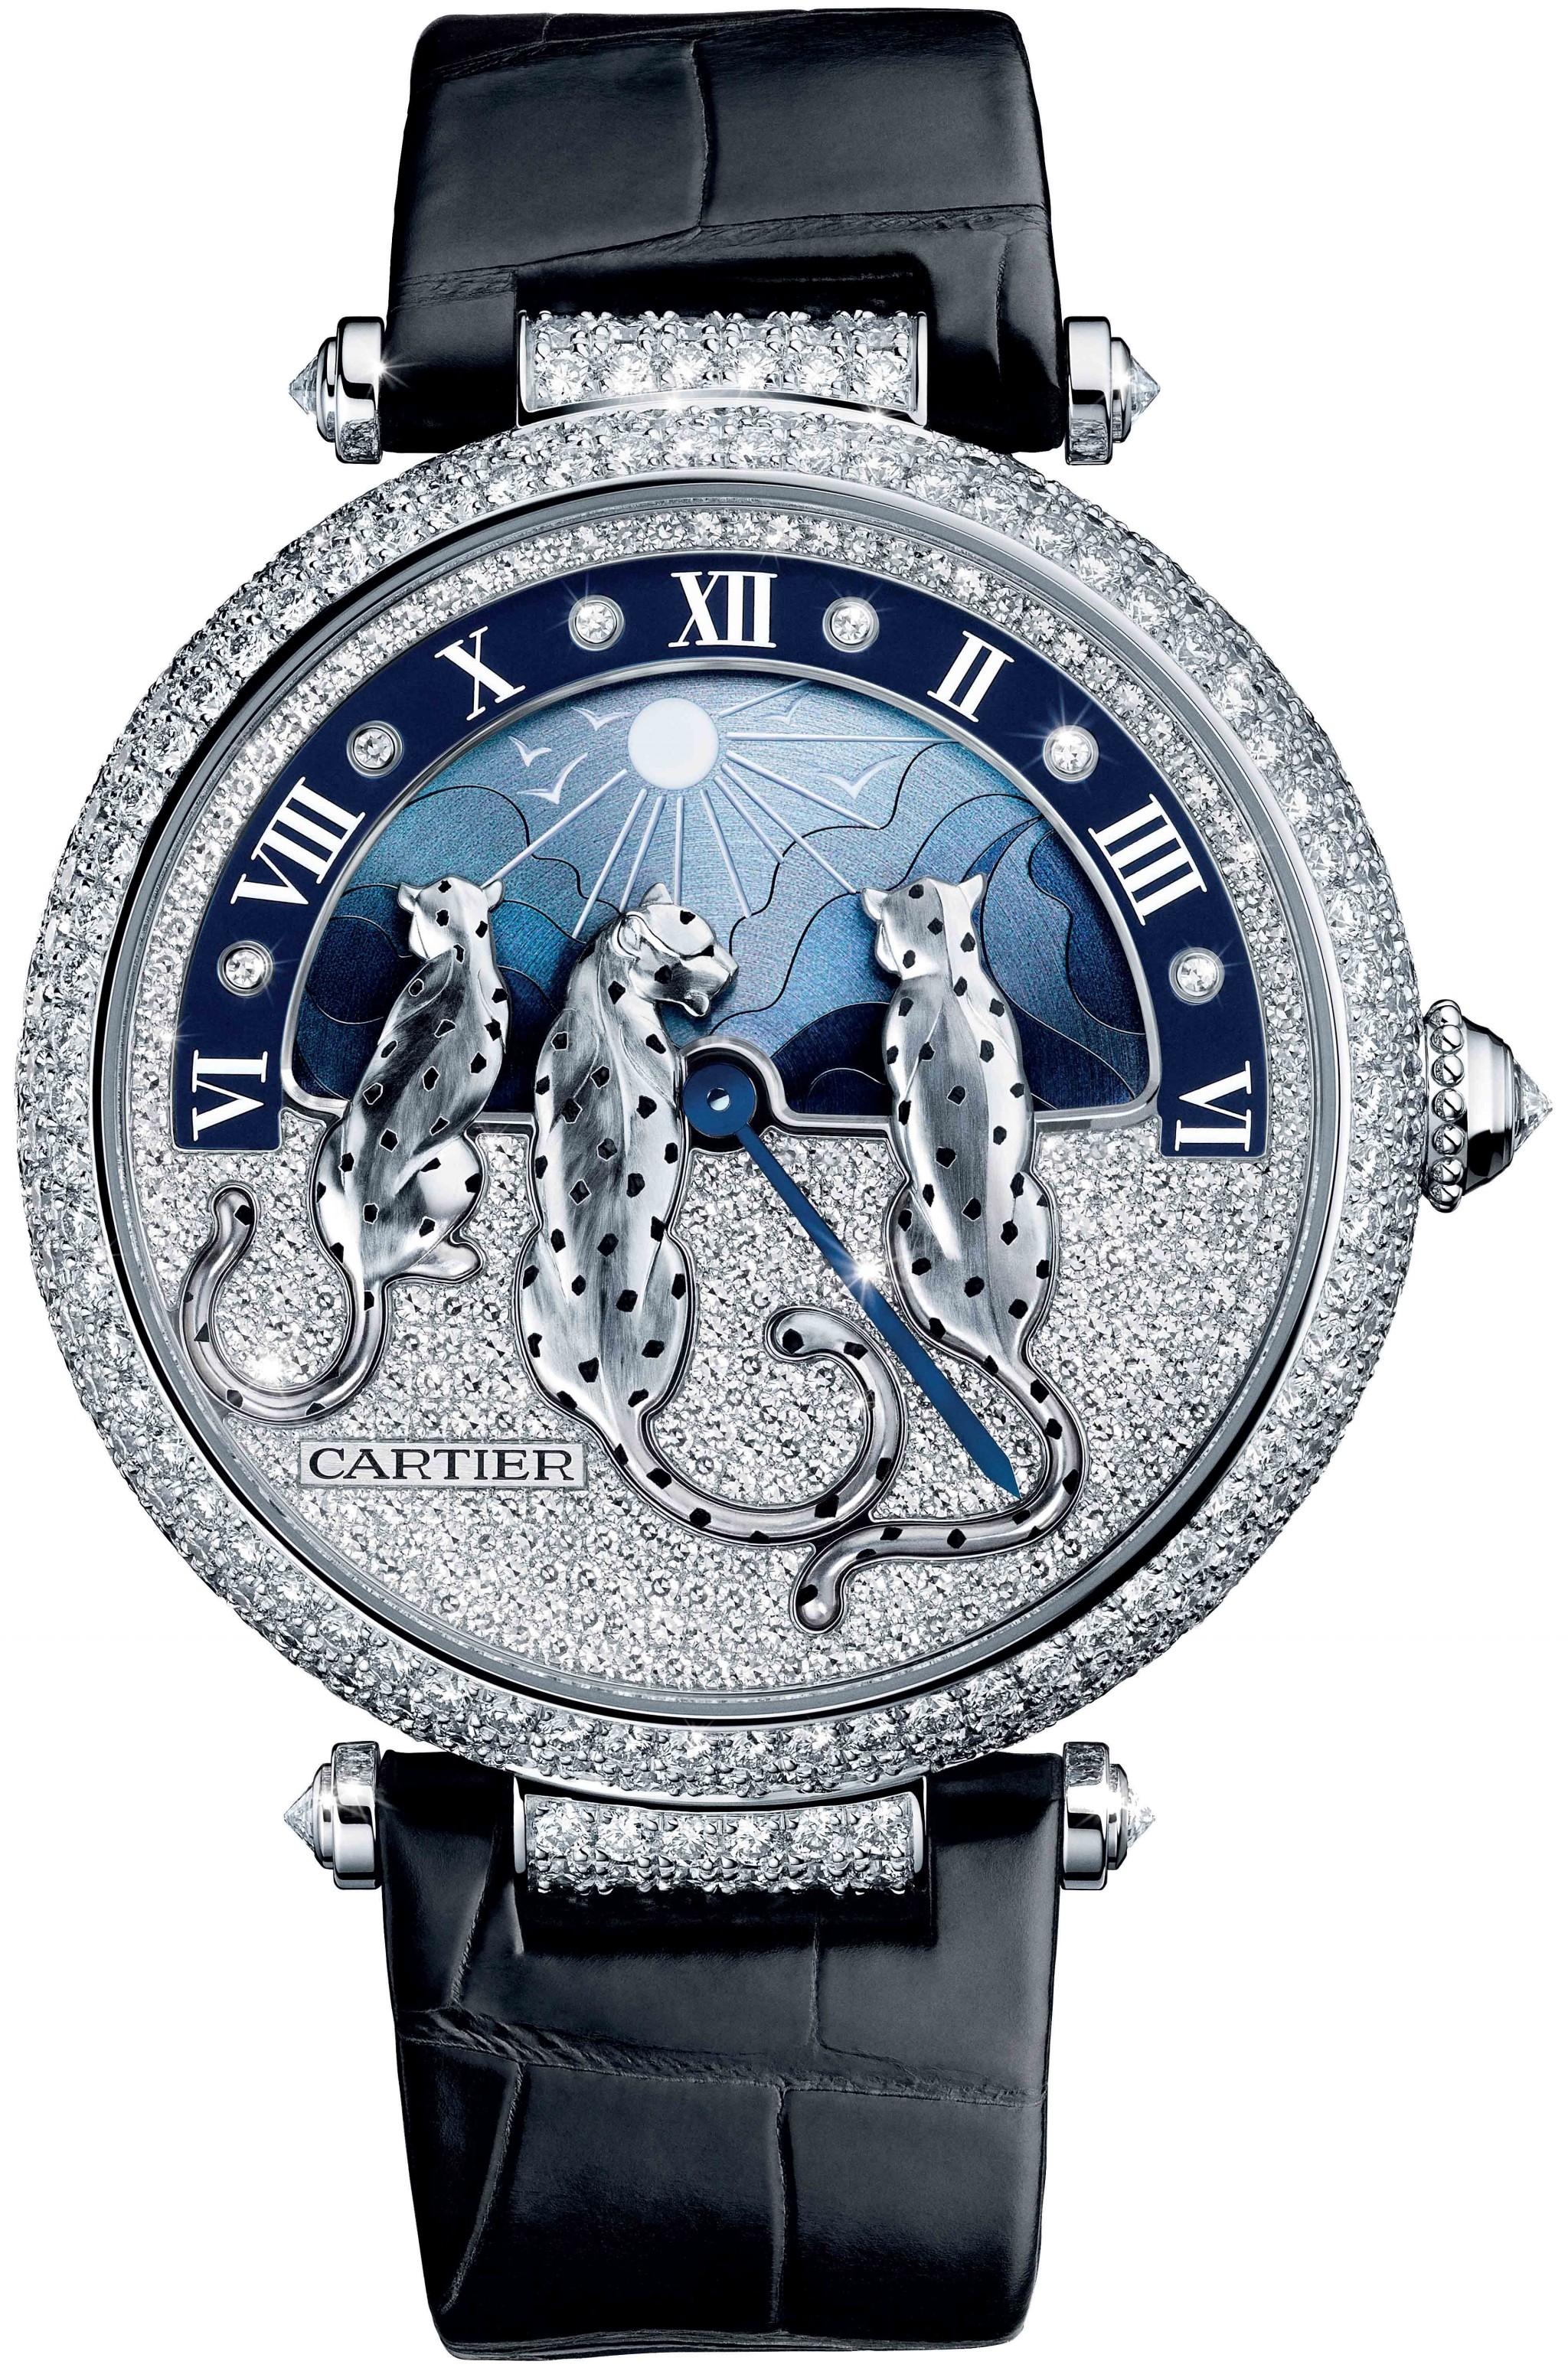 đồng hồ cao cấp nam Rêves de Panthères của Cartier